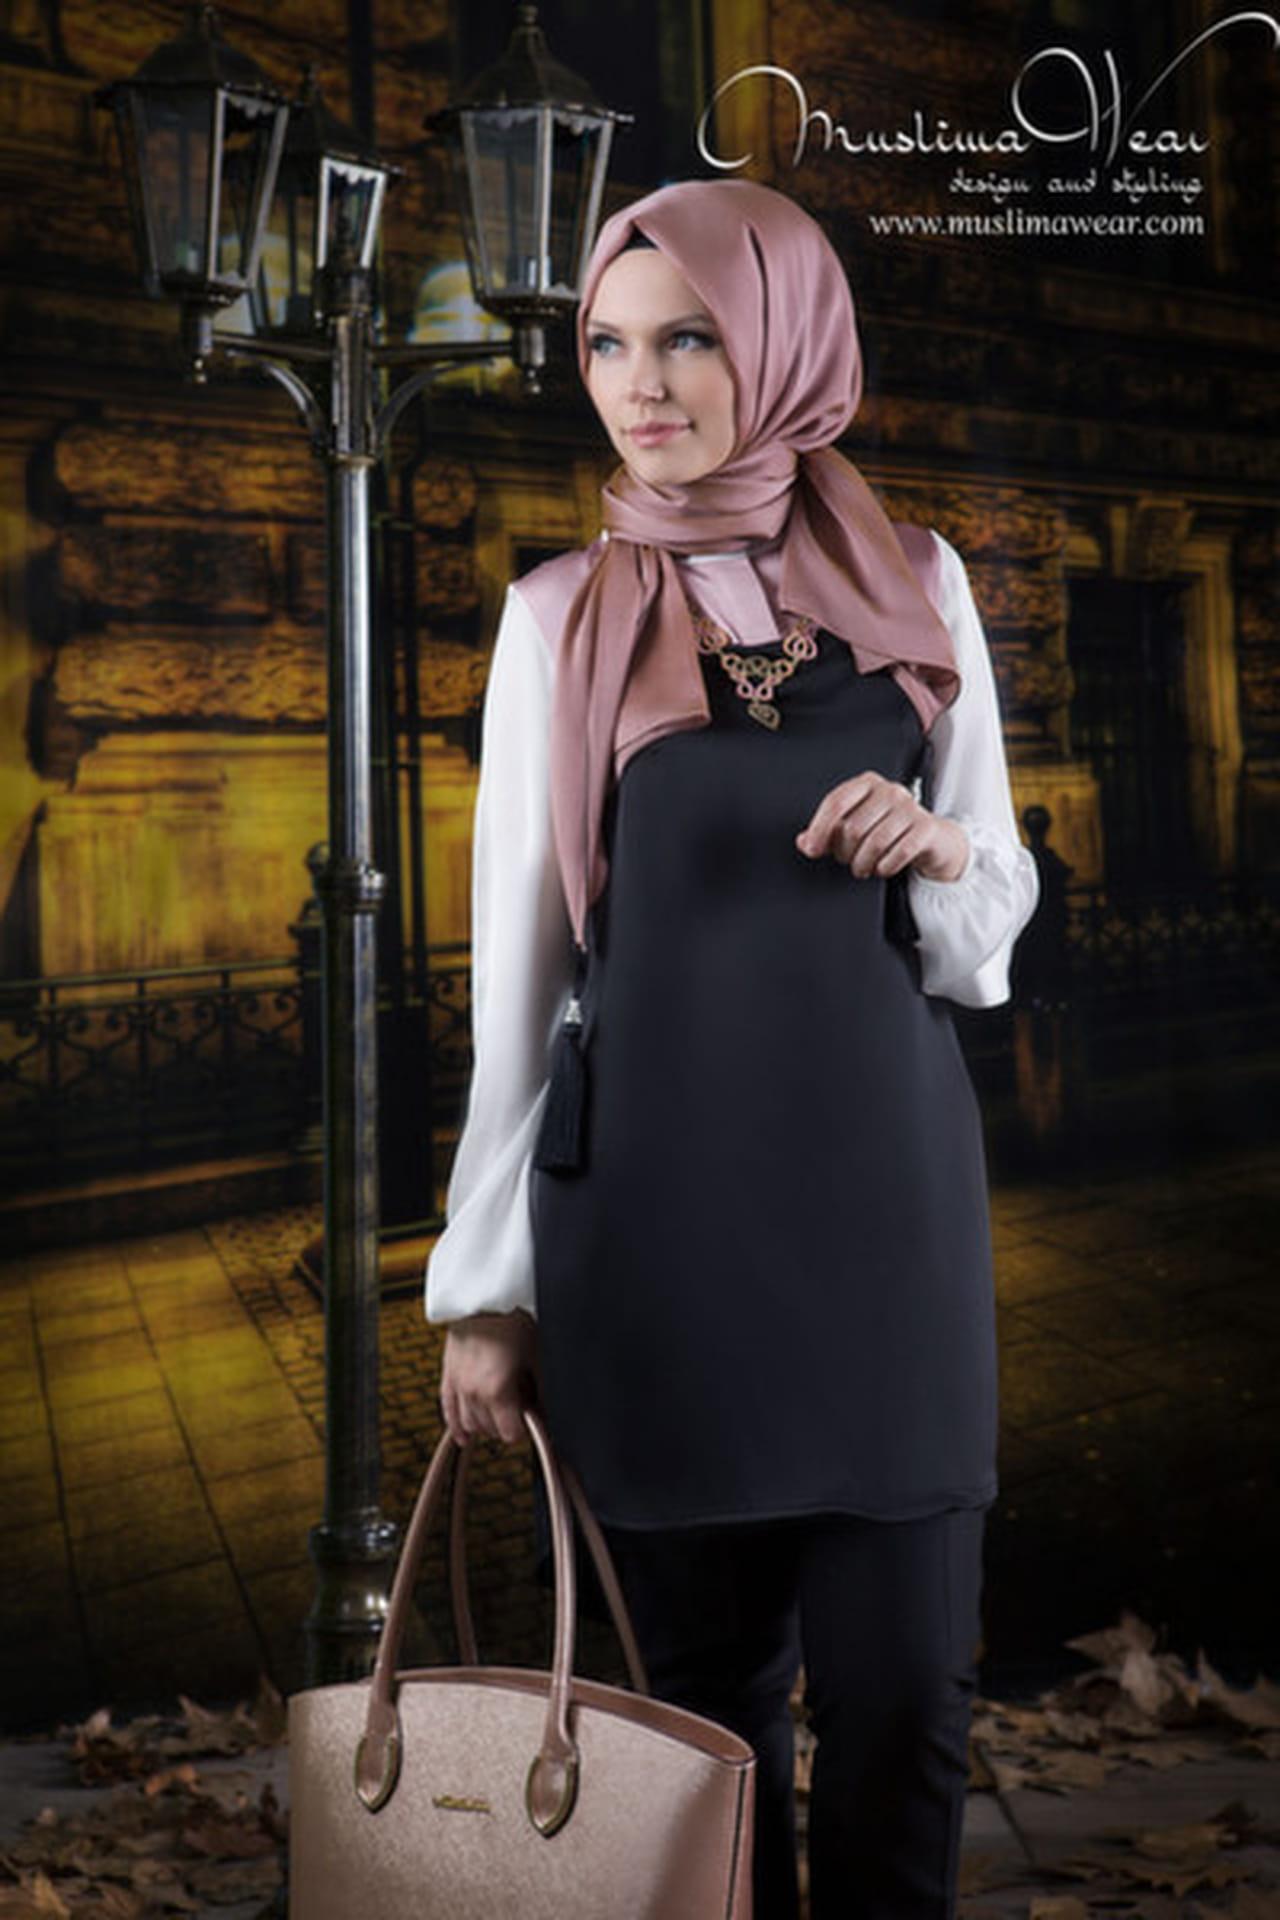 أفضل 10 إطلالات من أزياء Muslima Wear التركية  814319